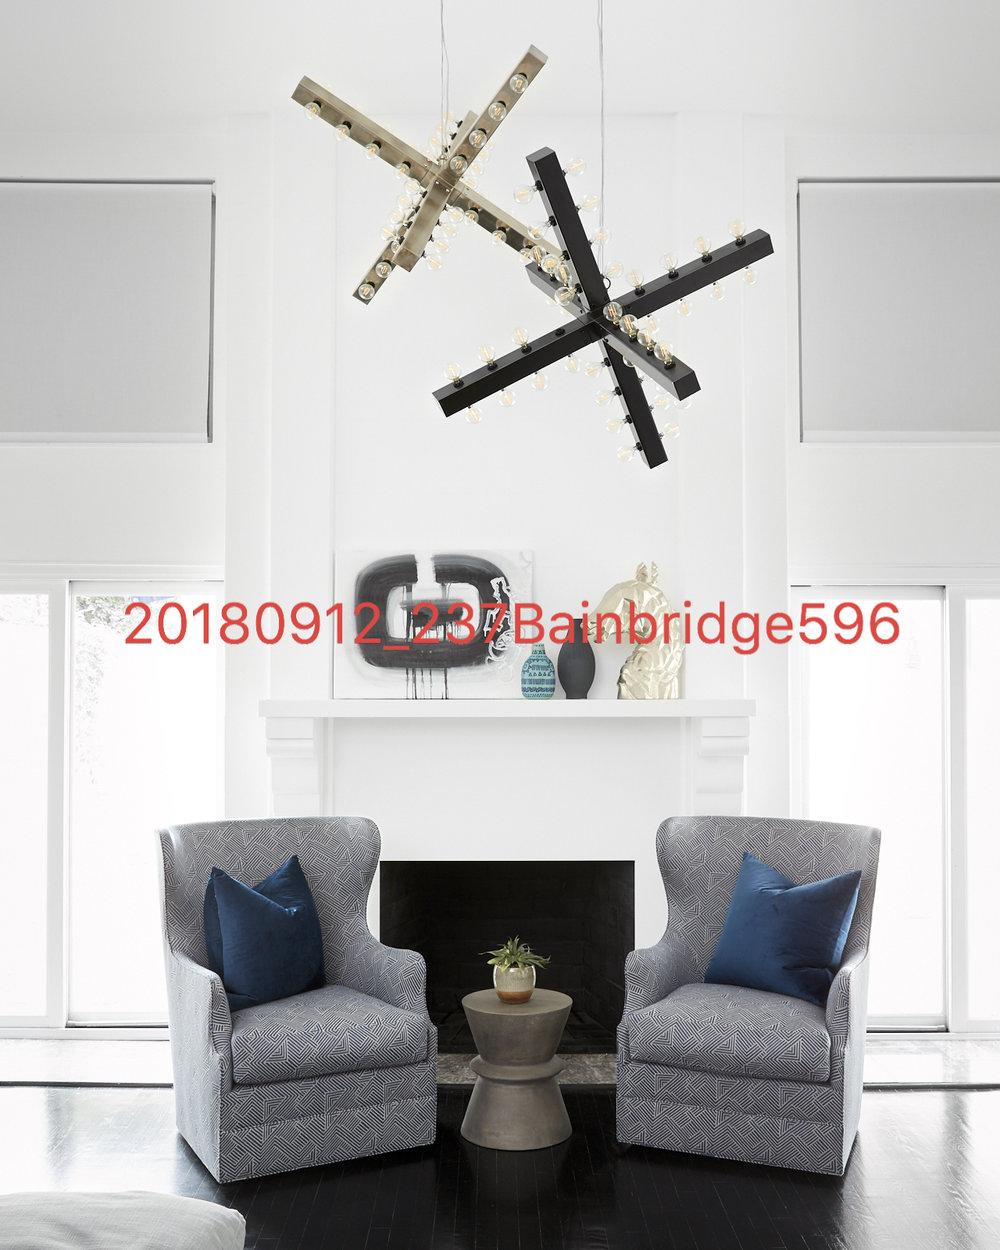 Bainbridge Sample_Web Gallery_142.jpg